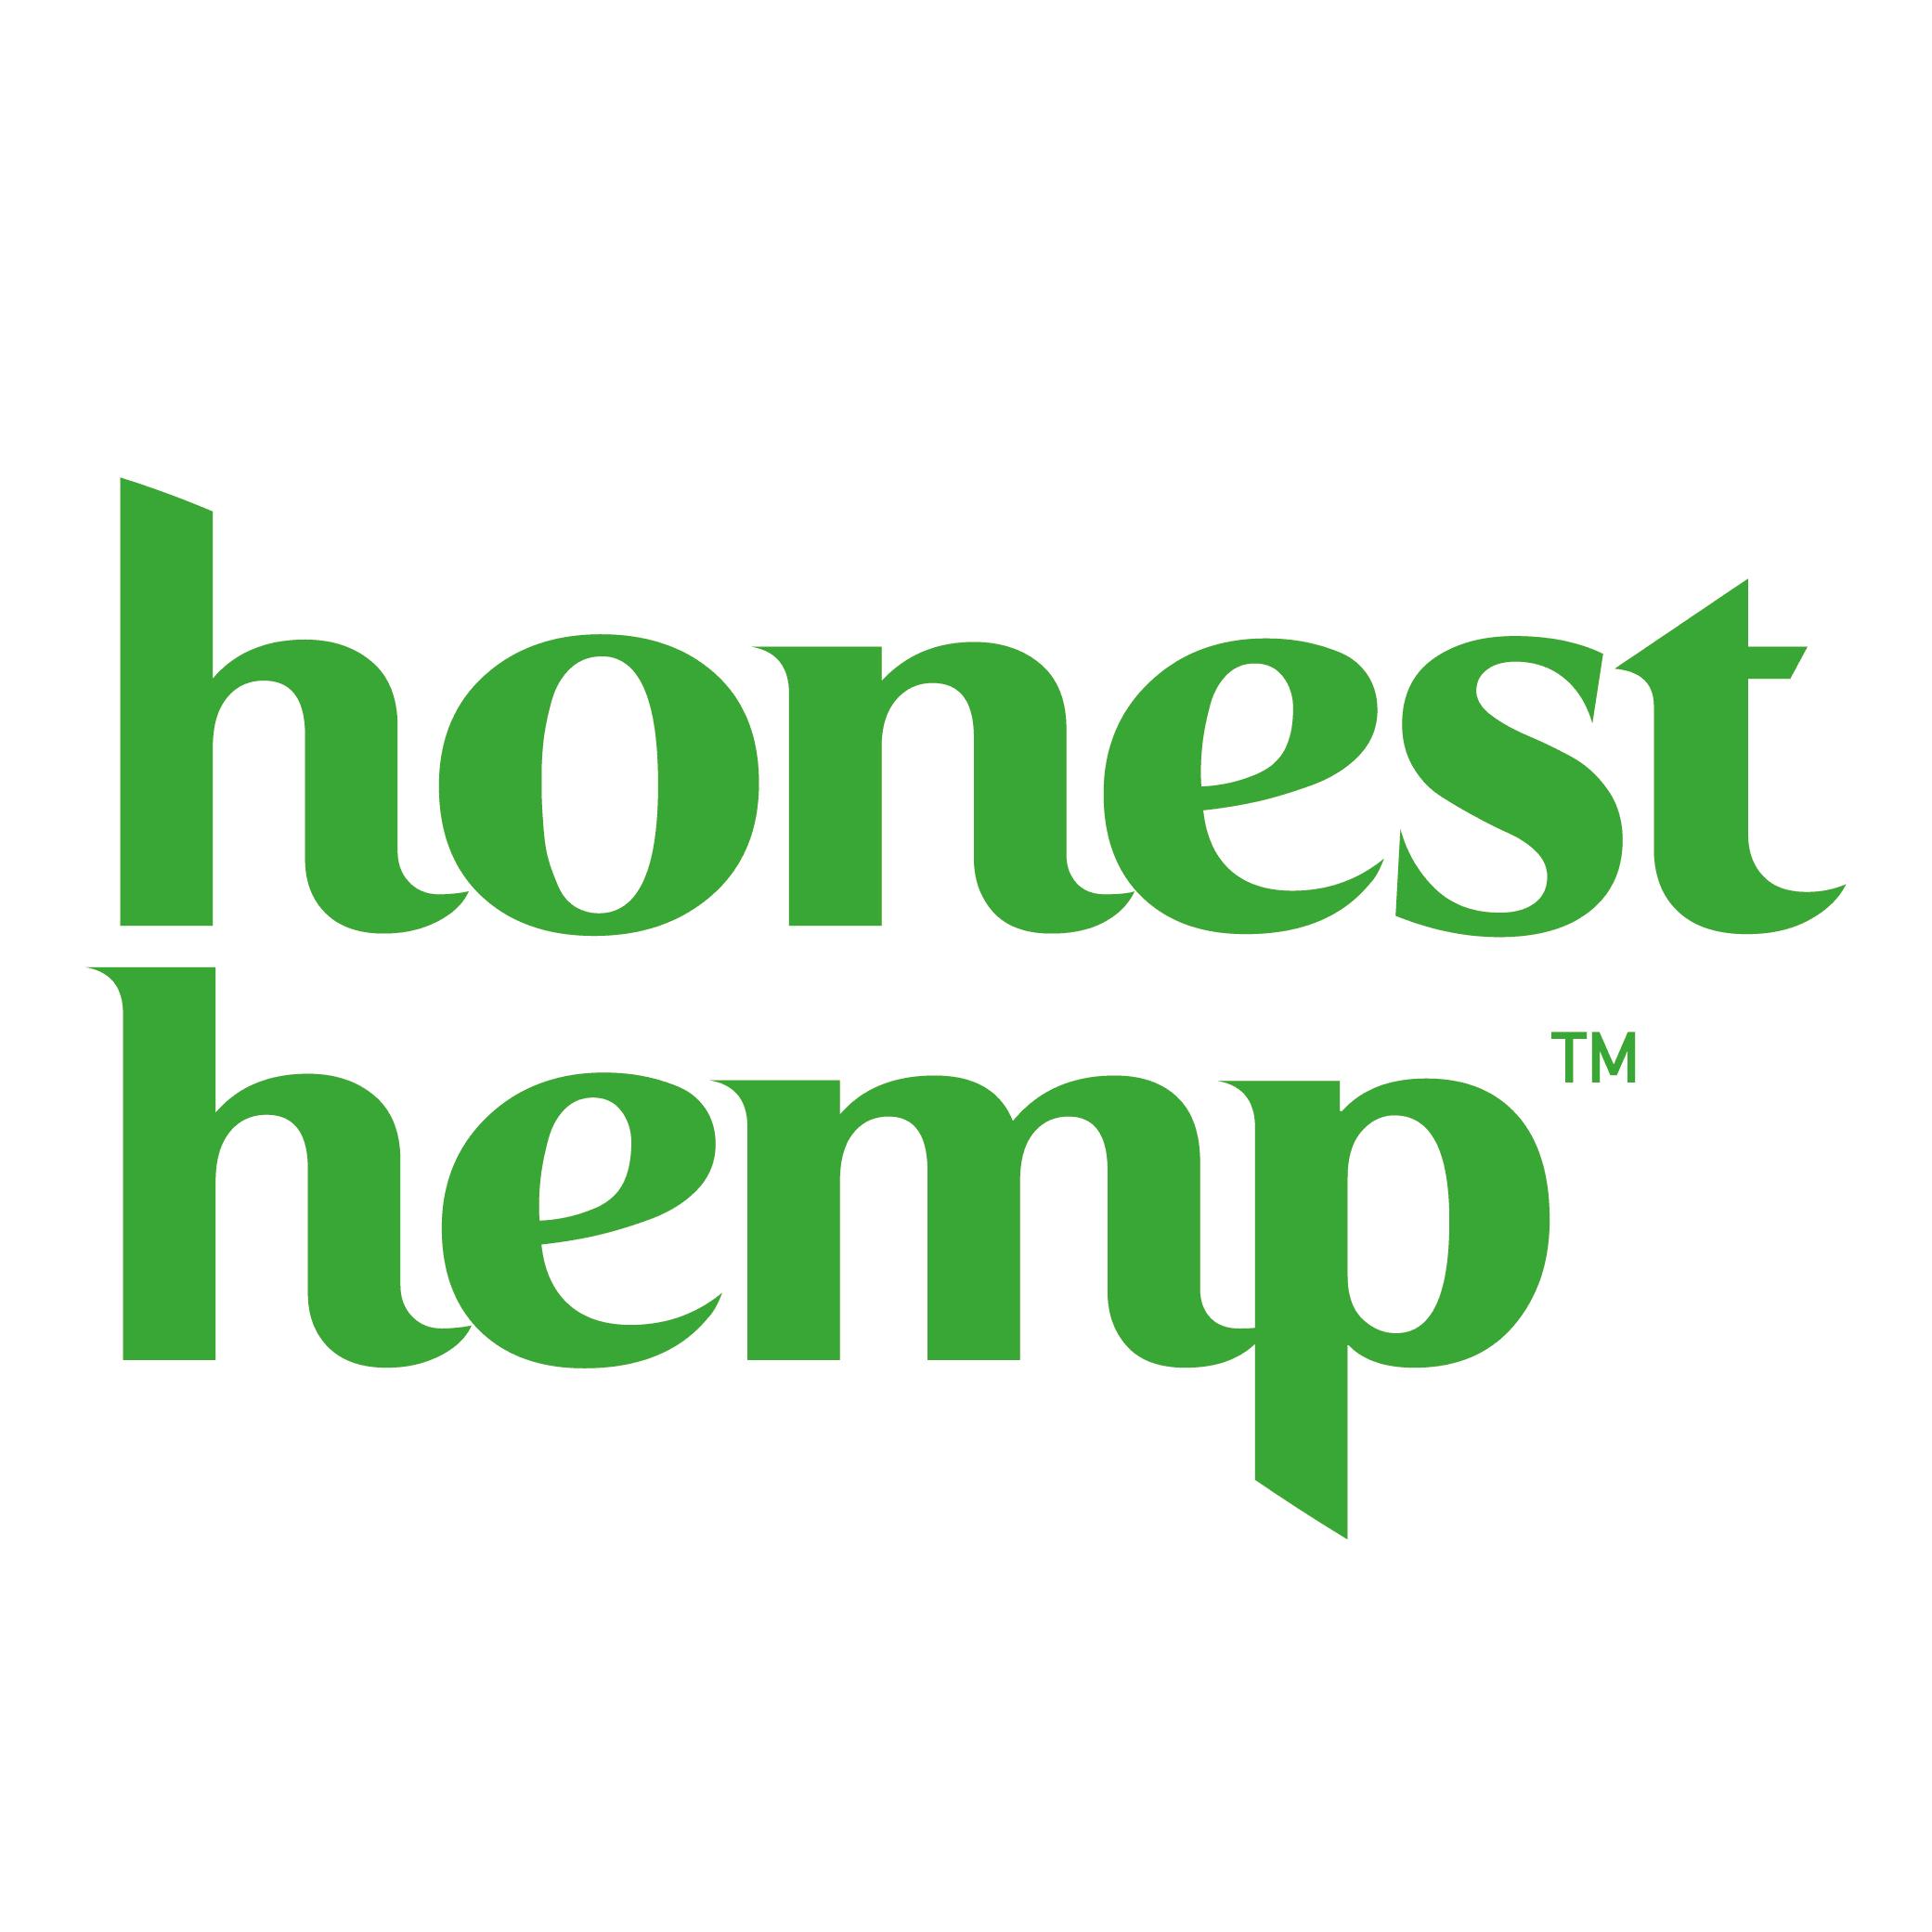 HonestHemp Coupons